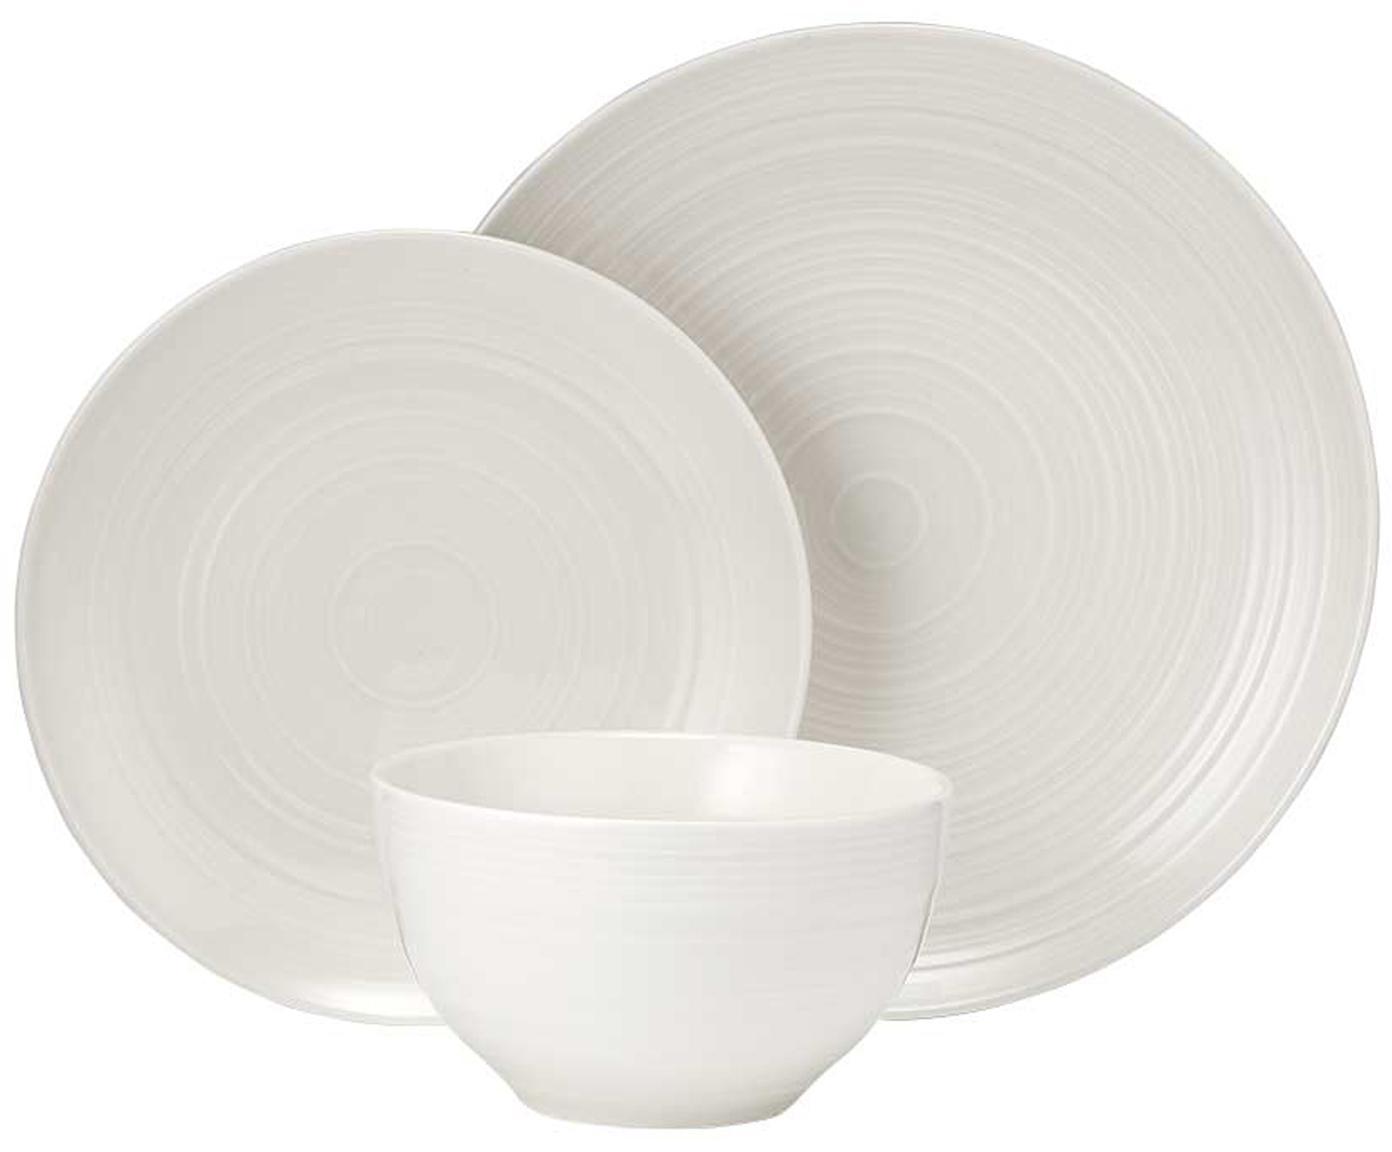 Set di piatti Darby 12 pz, New bone china, Bianco, Diverse dimensioni